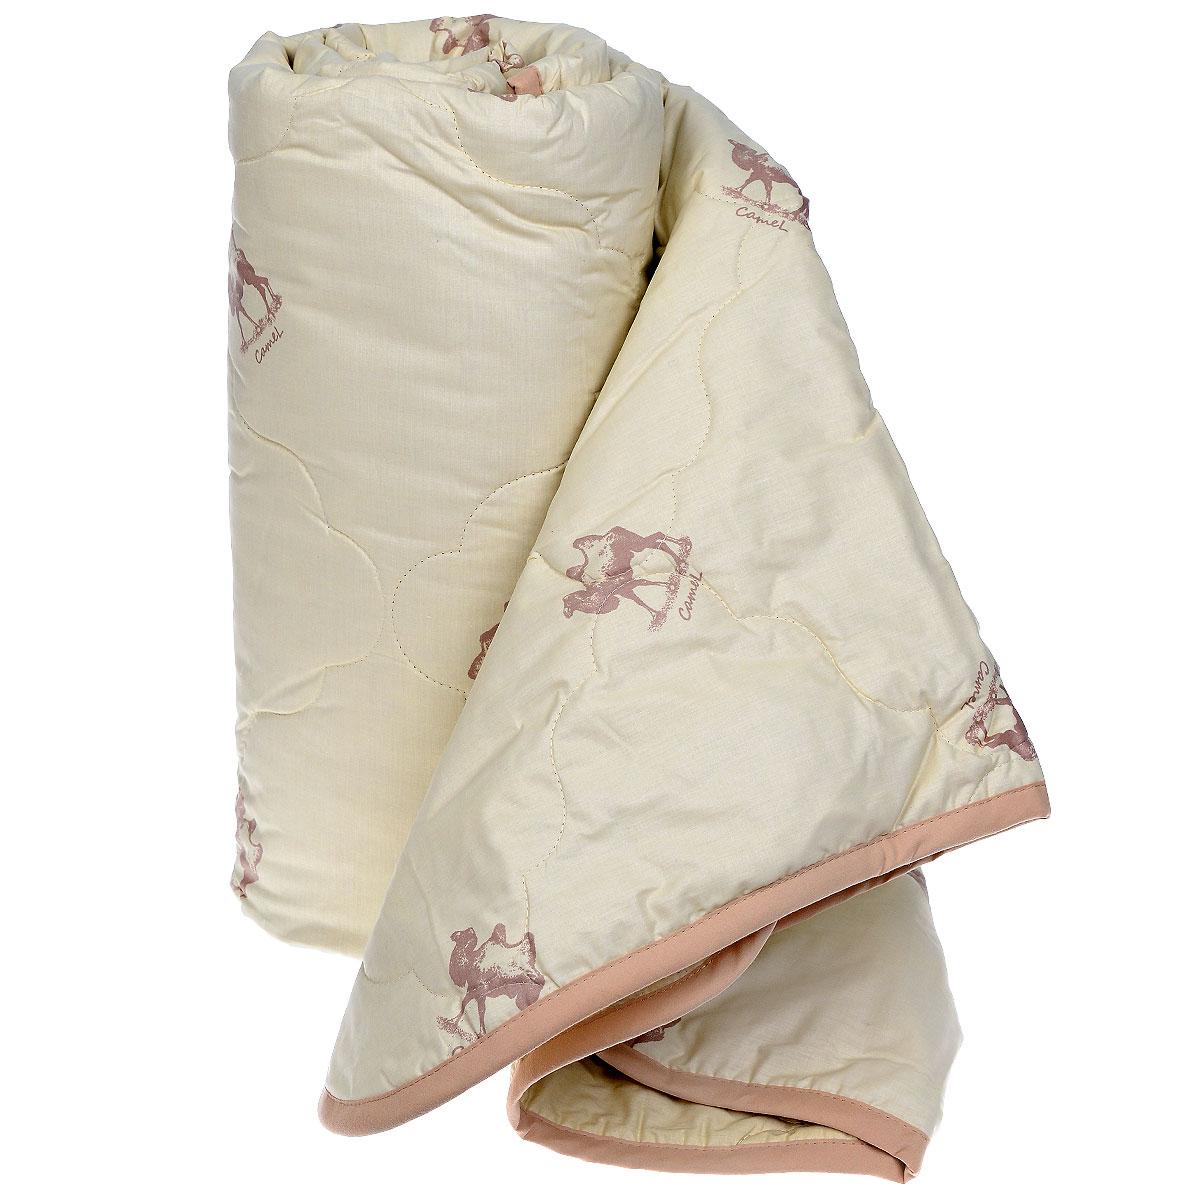 Одеяло Sova & Javoronok, наполнитель: верблюжья шерсть, цвет: бежевый, 140 х 205 см05030116079Чехол одеяла Sova & Javoronok выполнен из высококачественного плотного материала тик (100% хлопок). Наполнитель одеяла изготовлен из верблюжьей шерсти. Стежка надежно удерживает наполнитель внутри и не позволяет ему скатываться. Особенности наполнителя: - исключительные терморегулирующие свойства; - высокое качество прочеса и промывки шерсти; - великолепные ощущения комфорта и уюта. Верблюжья шерсть обладает целебными качествами, содержит наиболее высокий процент ланолина (животного воска), который является природным антисептиком и благоприятно воздействует на организм по целому ряду показателей: оказывает благотворное действие на мышцы, суставы, позвоночник, нормализует кровообращение, имеет профилактический эффект при заболевания опорно-двигательного аппарата. Кроме того, верблюжья шерсть антистатична. Шерсть верблюда сохраняет прохладу в период жаркого лета и удерживает тепло во время суровой зимы. Одеяло...